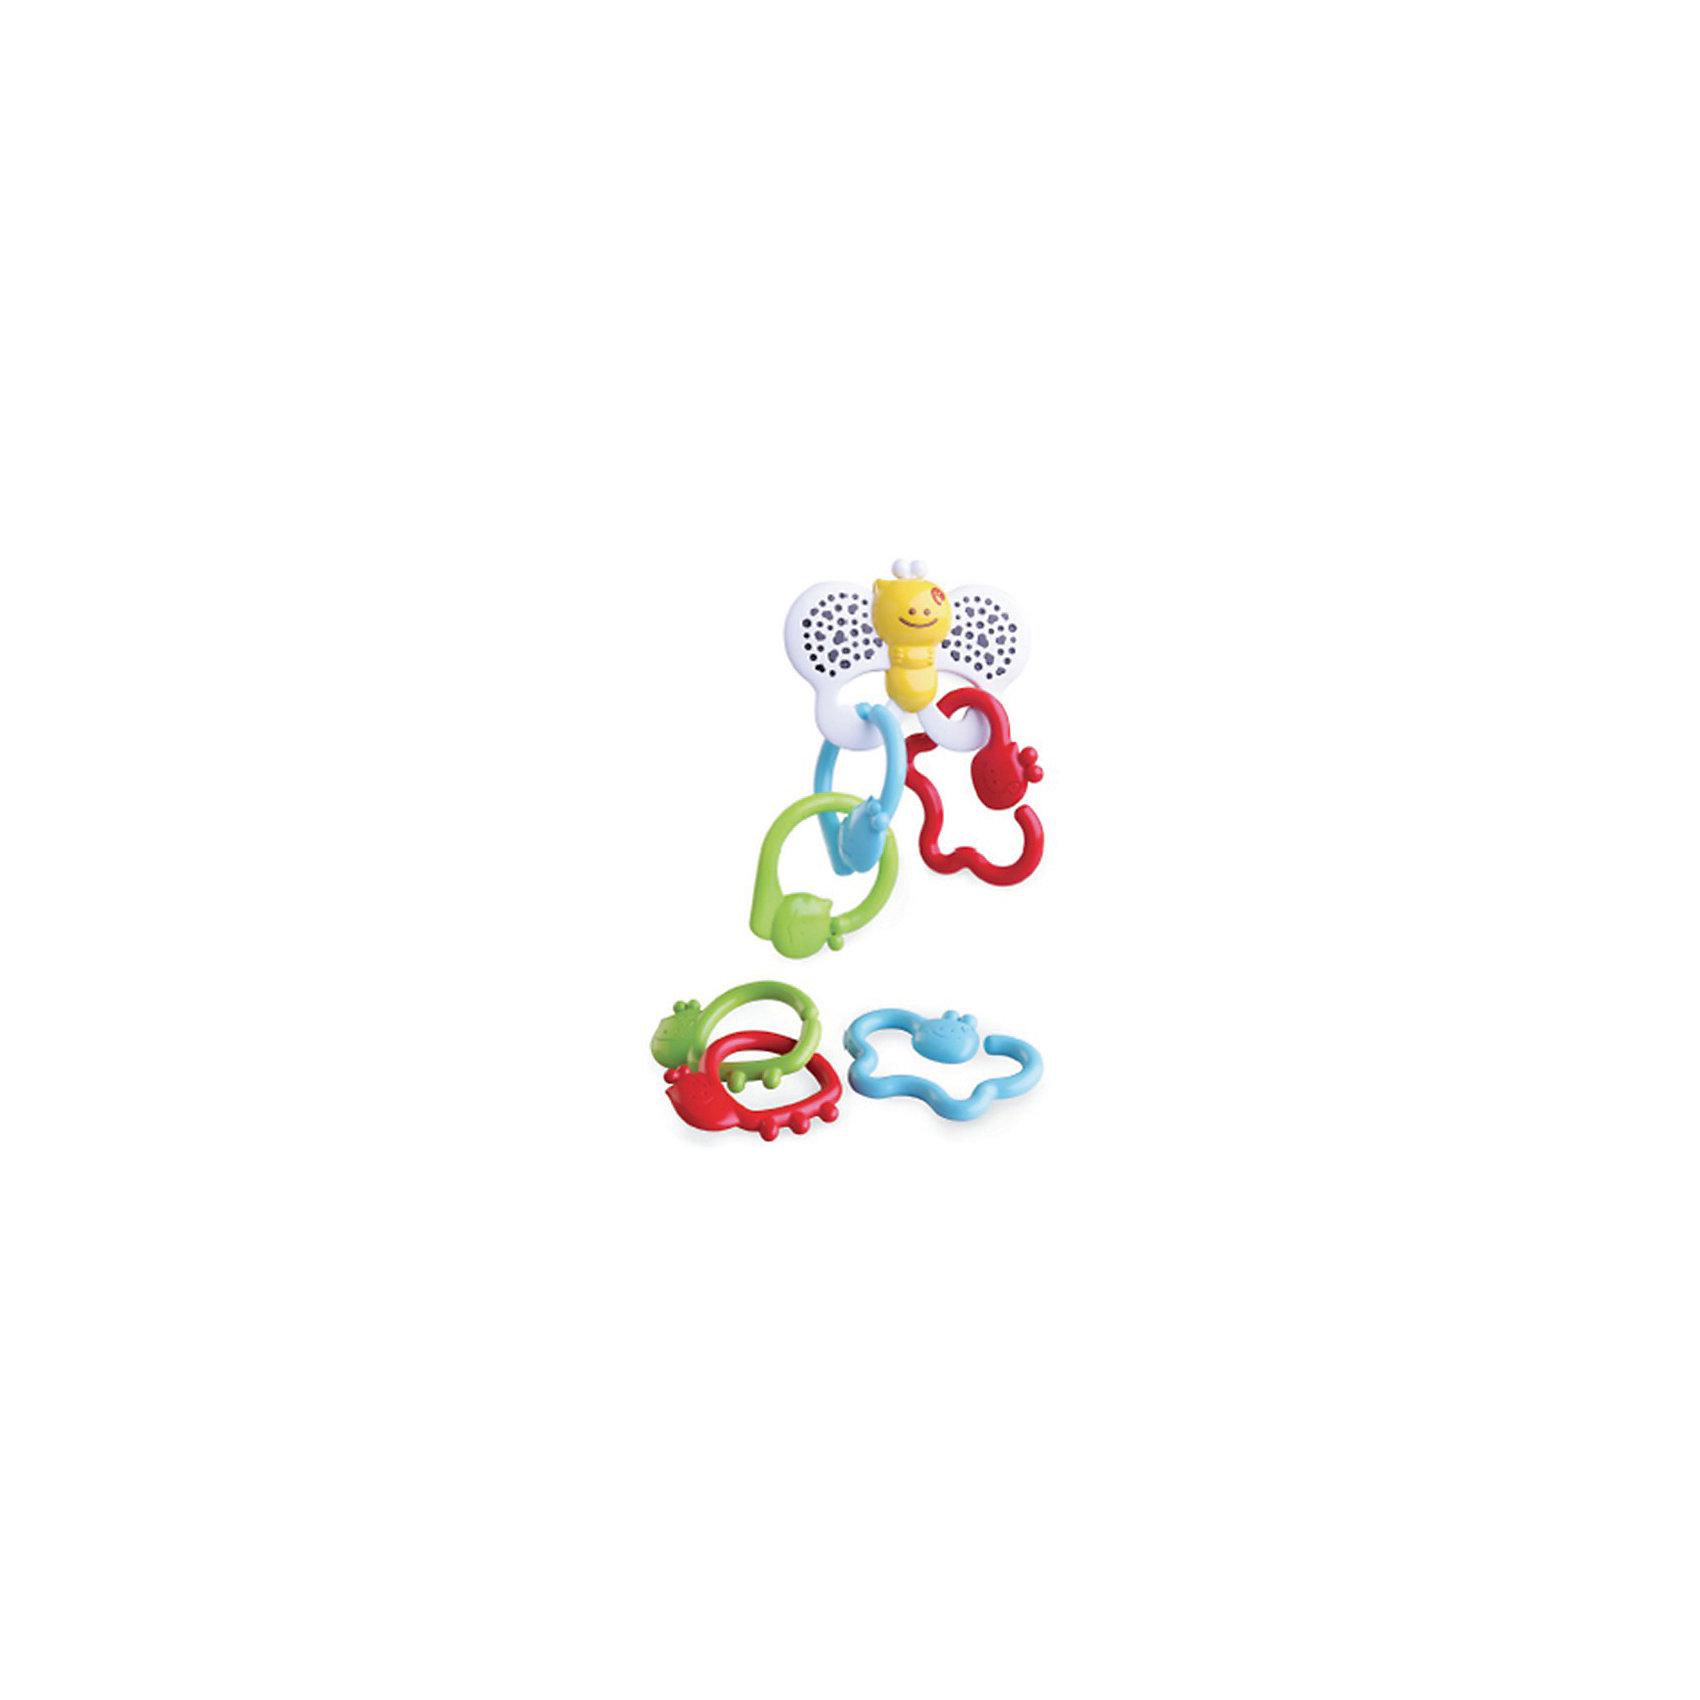 Игрушка - цепь Бабочка, BKidsПрорезыватели<br>Развивать способности ребенка можно с самого раннего возраста. Делая это в игре, малыш всесторонне изучает мир и осваивает новые навыки. Эта игрушка представляет собой подвеску и прорезыватель в виде бабочки. <br>Такие игрушки способствуют развитию мелкой моторики, воображения, цвето- и звуковосприятия, тактильных ощущений и обучению. Изделие разработано специально для самых маленьких. Сделано из материалов, безопасных для детей.<br><br>Дополнительная информация:<br><br>цвет: разноцветный;<br>размер упаковки: 16 х 4 х 20 см;<br>возраст: с рождения.<br><br>Игрушку - цепь Бабочка от бренда BKids можно купить в нашем интернет-магазине.<br><br>Ширина мм: 35<br>Глубина мм: 35<br>Высота мм: 205<br>Вес г: 168<br>Возраст от месяцев: 0<br>Возраст до месяцев: 36<br>Пол: Унисекс<br>Возраст: Детский<br>SKU: 5055389